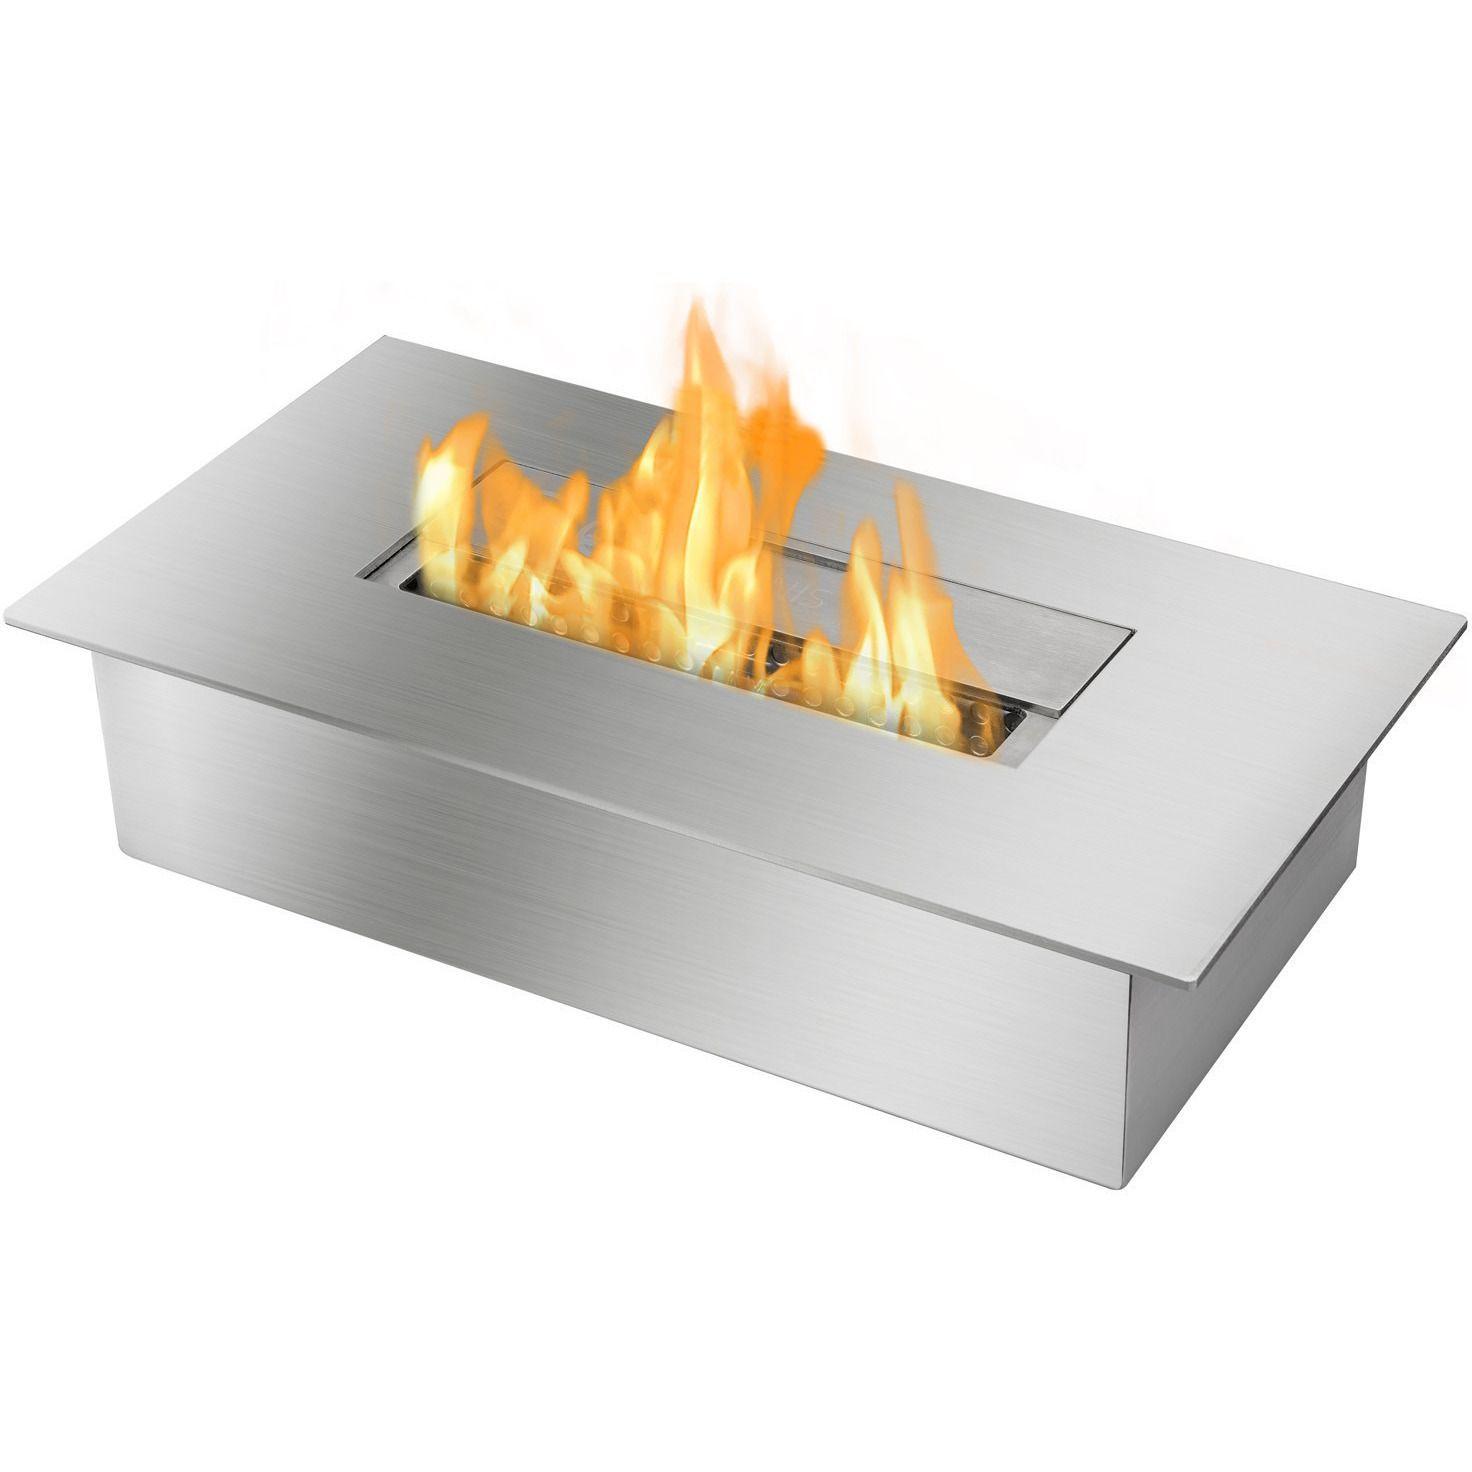 eb1400 ethanol fireplace burner products ethanol fireplace rh pinterest com au